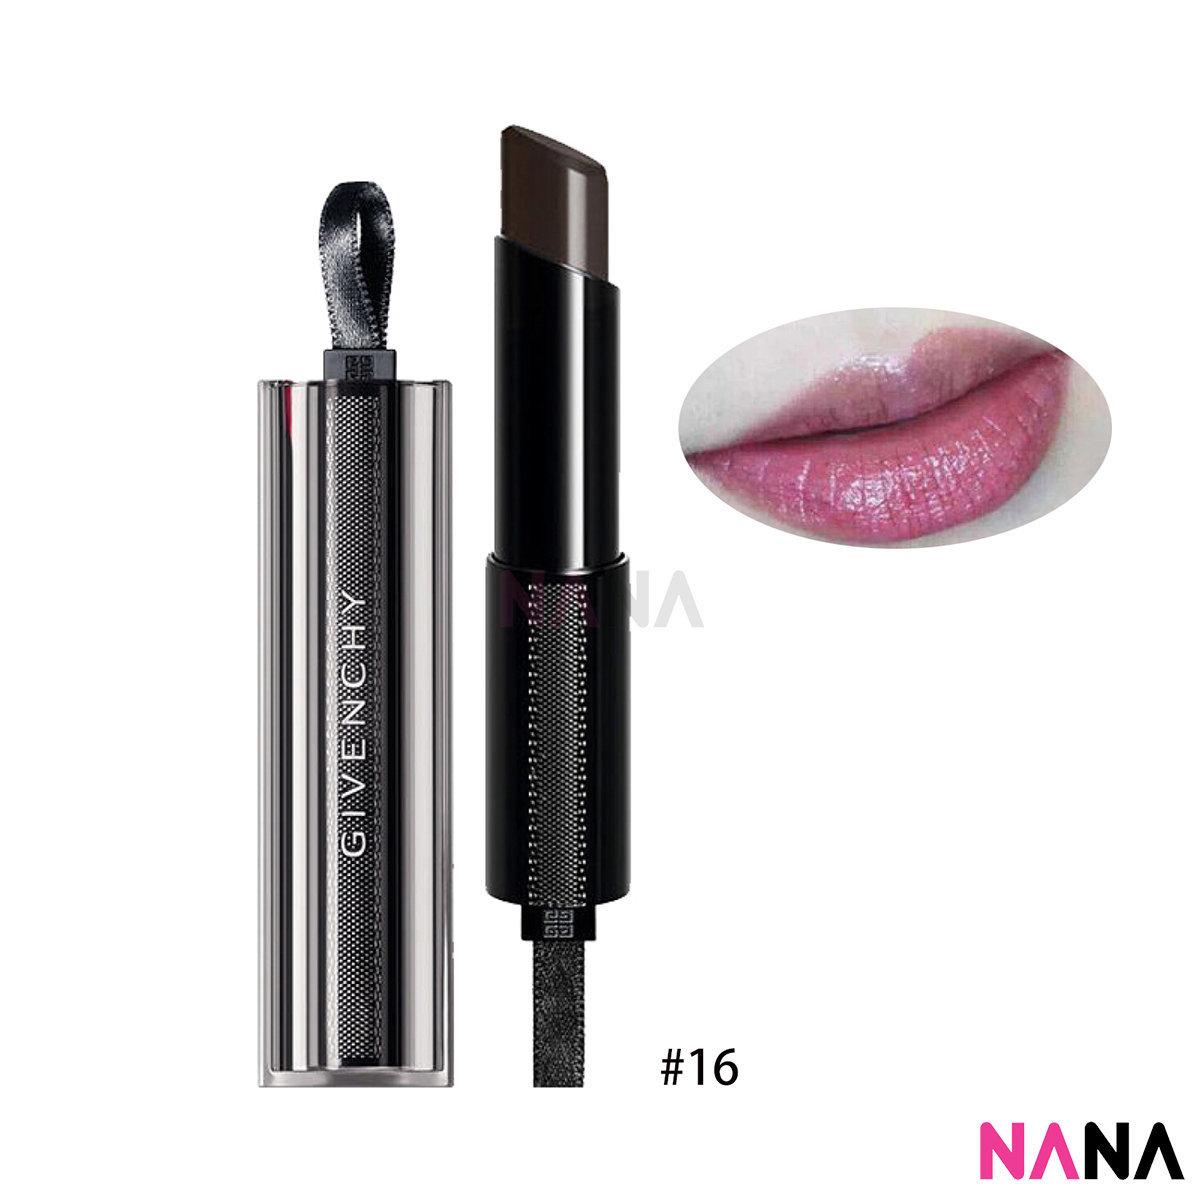 Rouge Interdit Vinyl Extreme Shine Lipstick Illicit Color #16 Noir Revelateur 3.3g